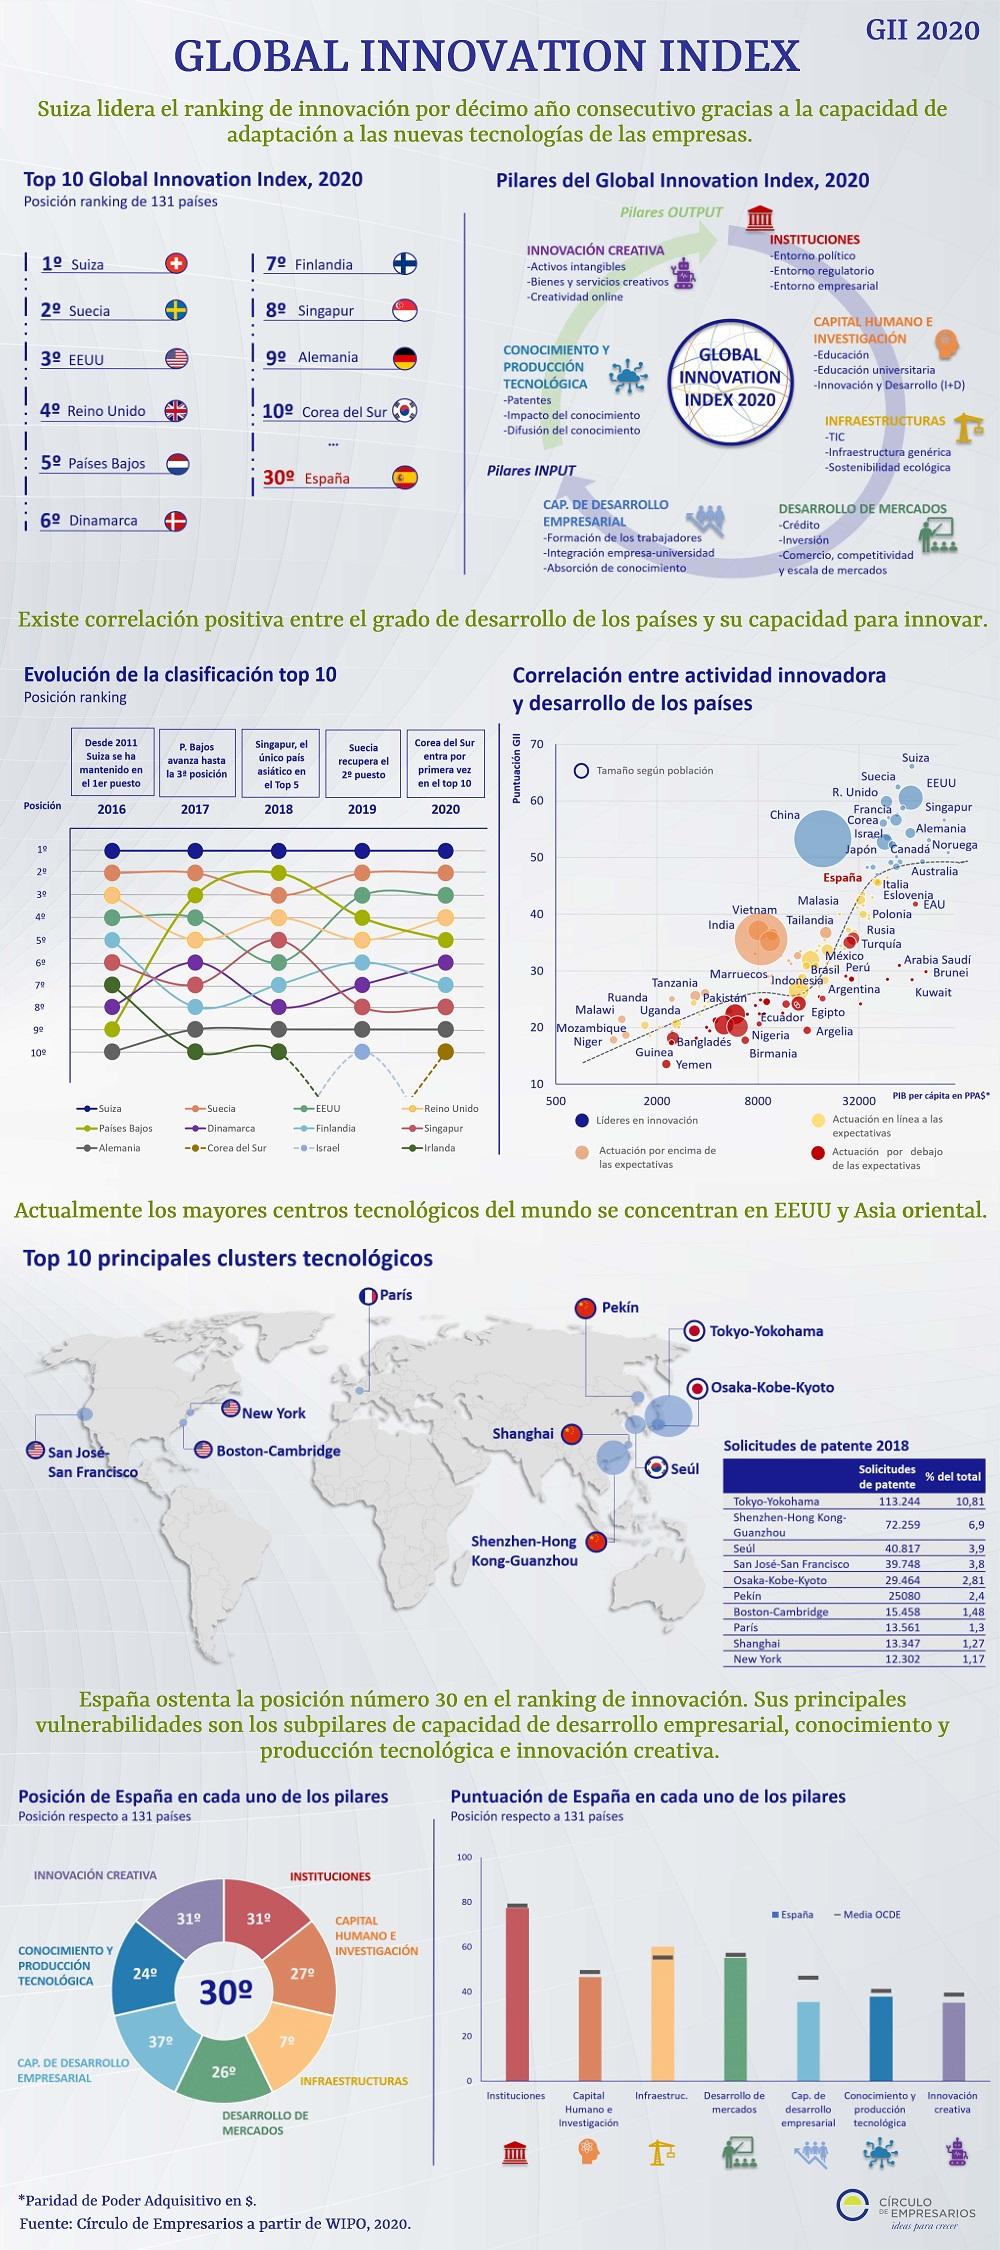 Global-Innovation-Index-infografía-septiembre-2020-Circulo-de-Empresarios-verion-espanol